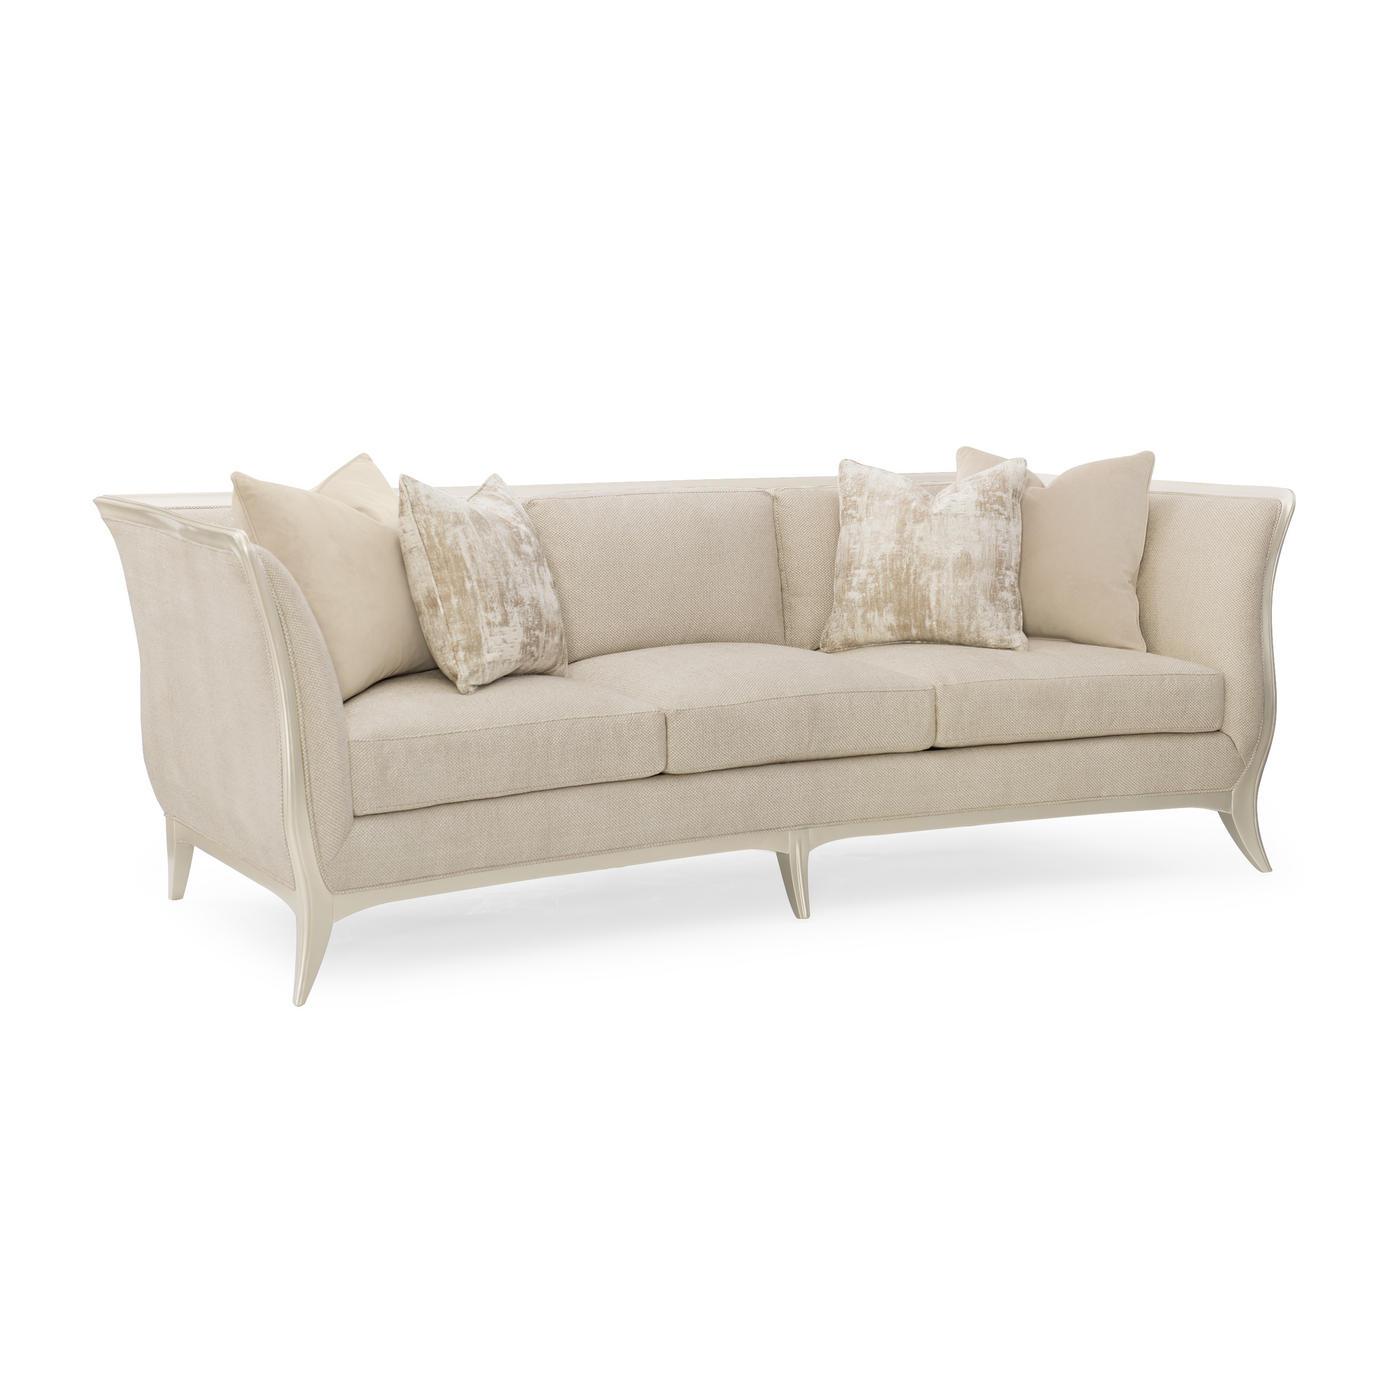 schnadig sofa 9090 contemporary set designs sofas  home decor 88